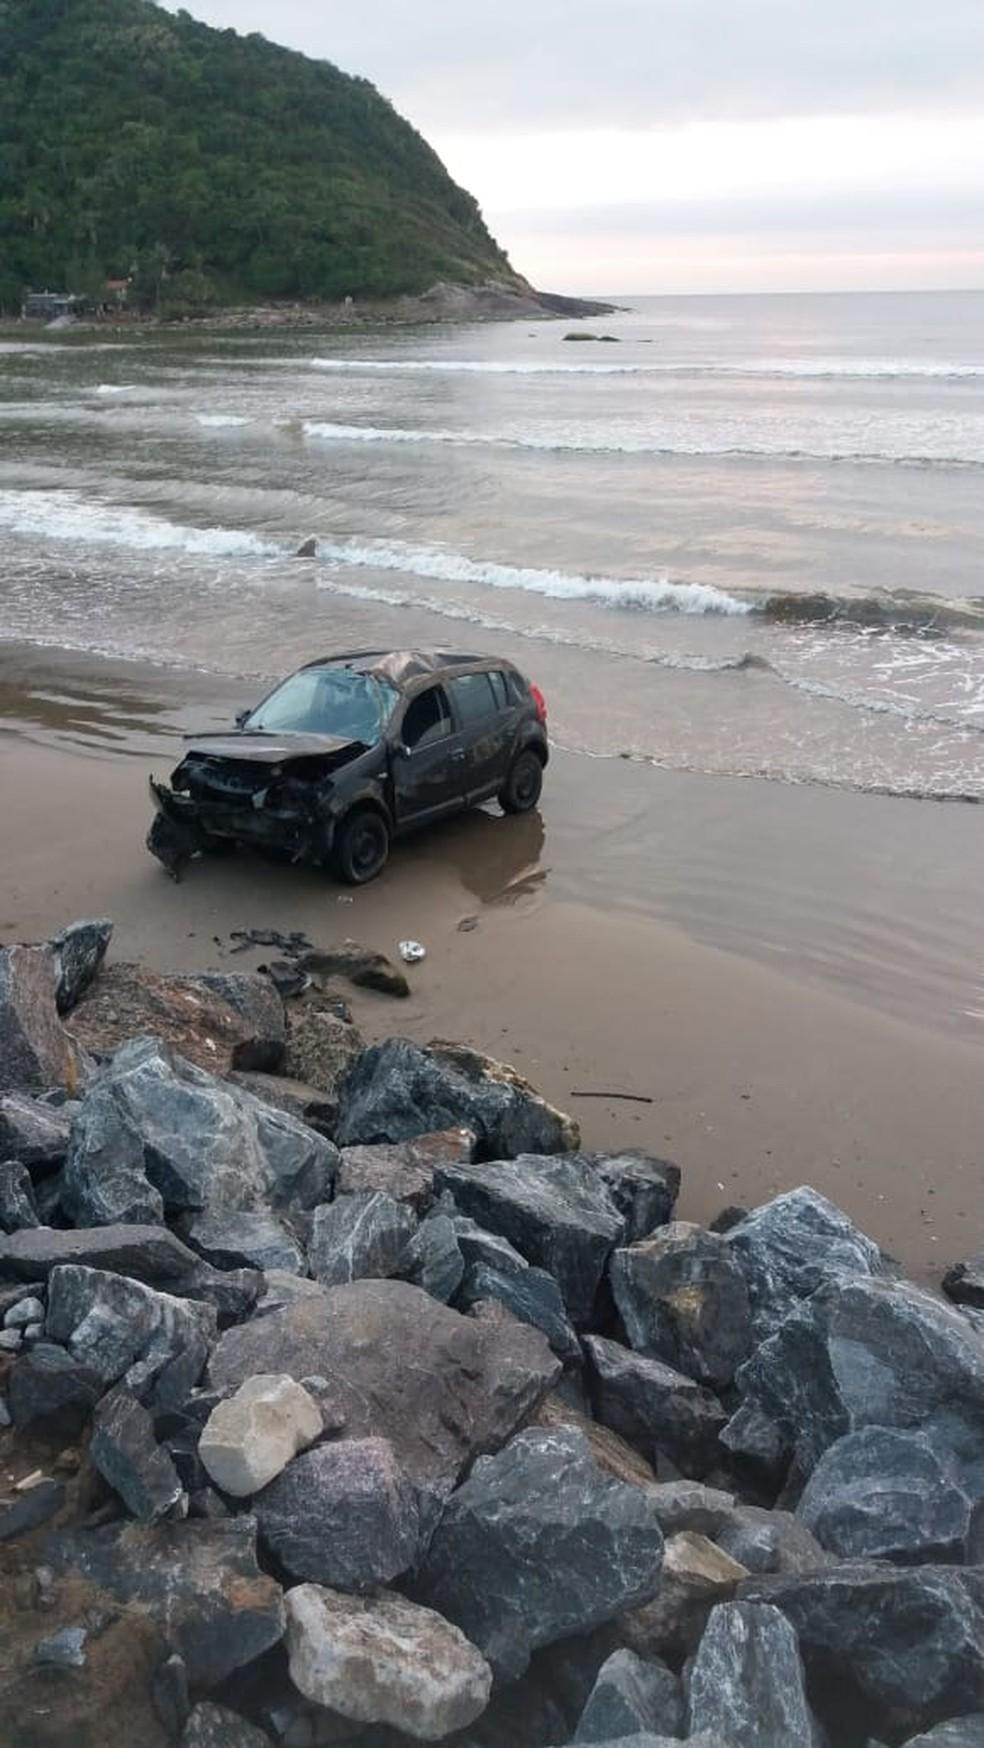 Carro foi encontrado capotado na faixa de areia em Navegantes  — Foto: PM de Navegantes/Divulgação